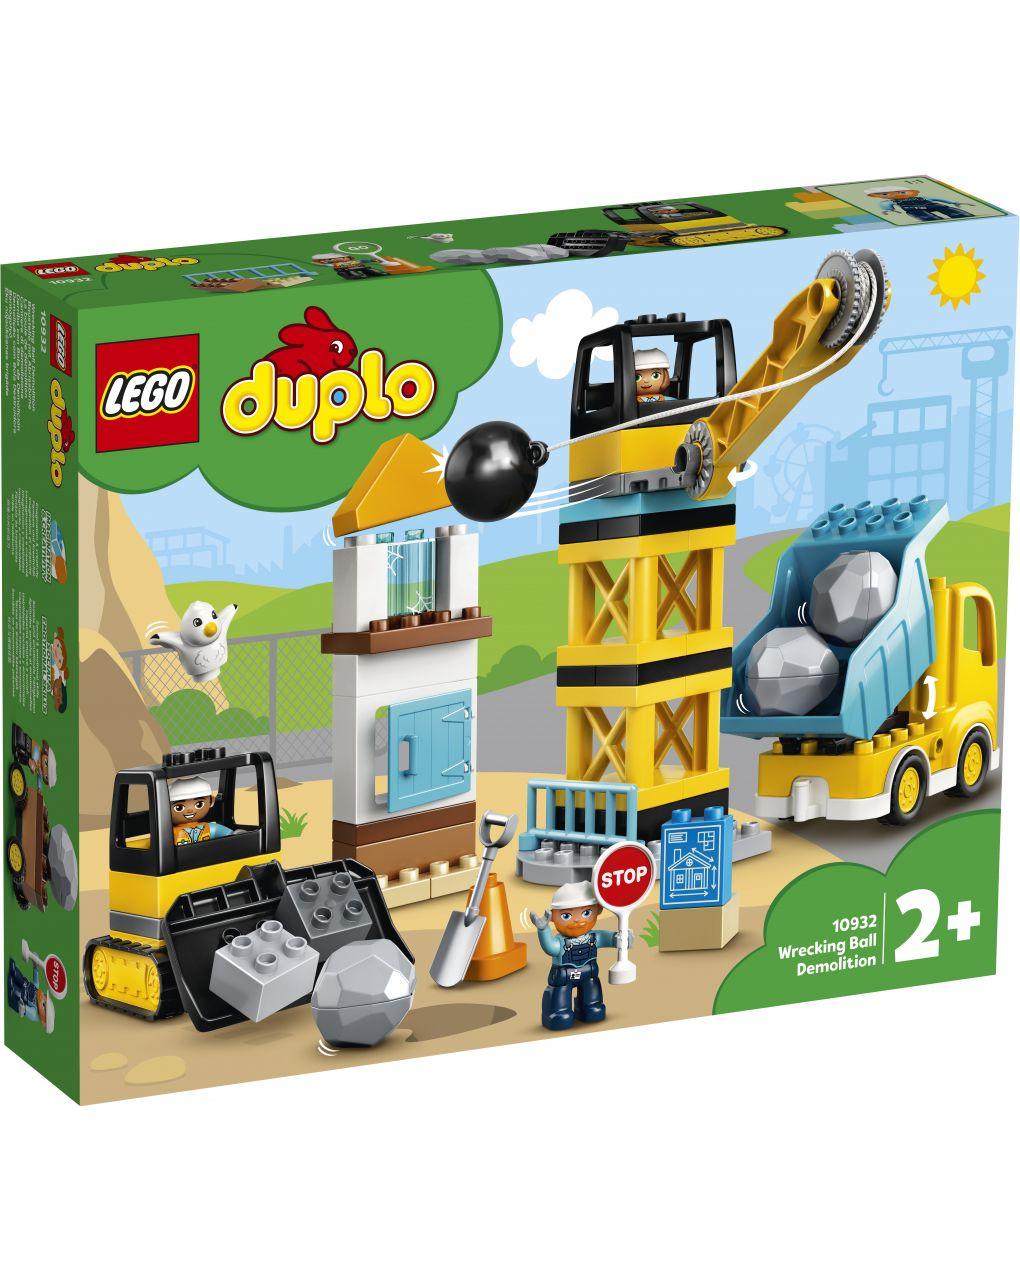 Duplo - cantiere di demolizione - 10932 - LEGO Duplo